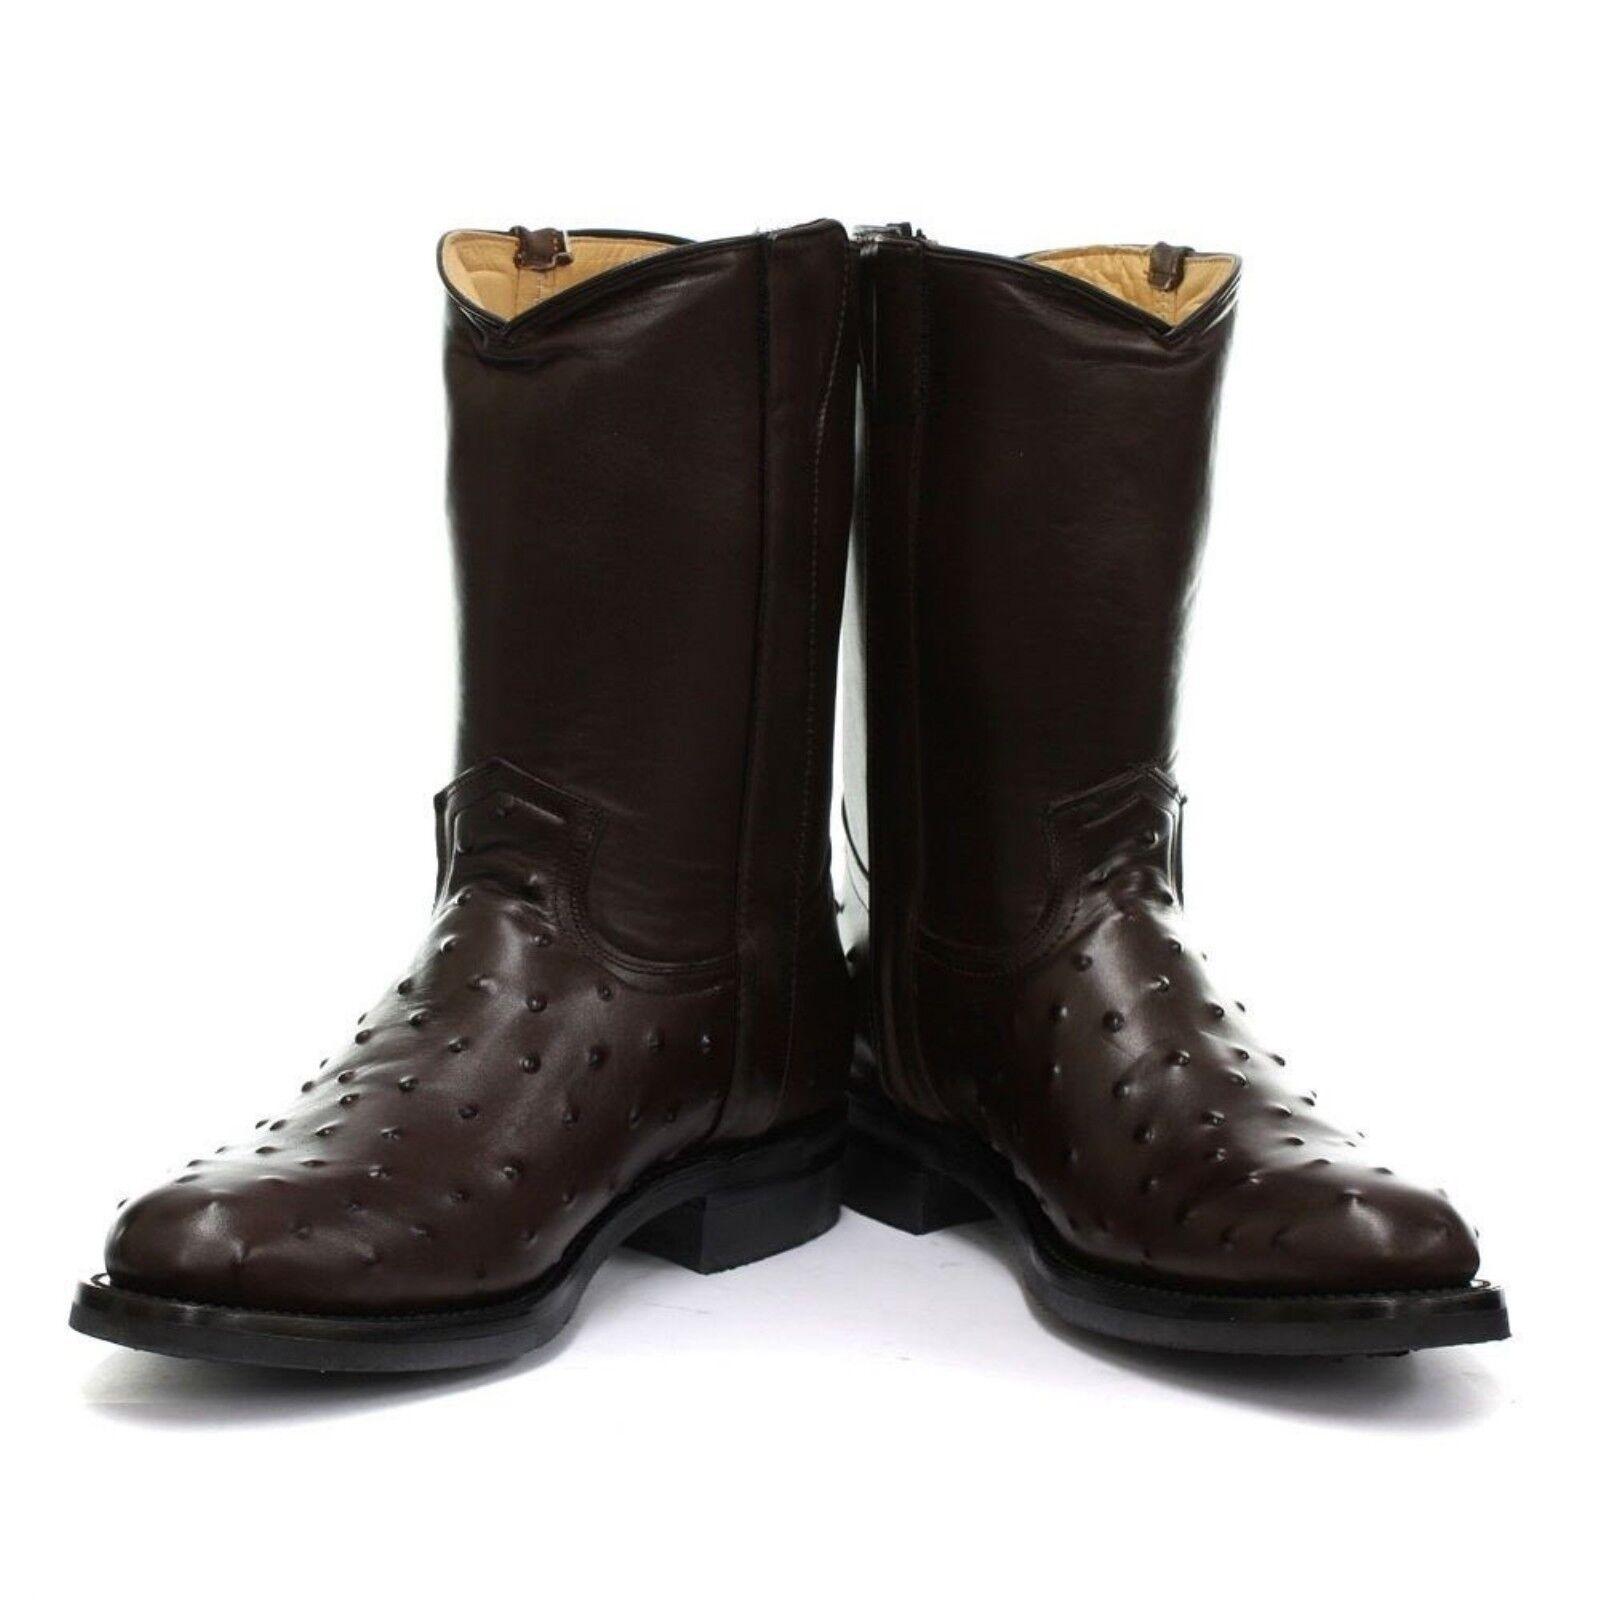 Grinders nuova Western linea uomo VEGAS Boot Marrone Biker Cowboy Western nuova Stivali in Pelle 9f5998